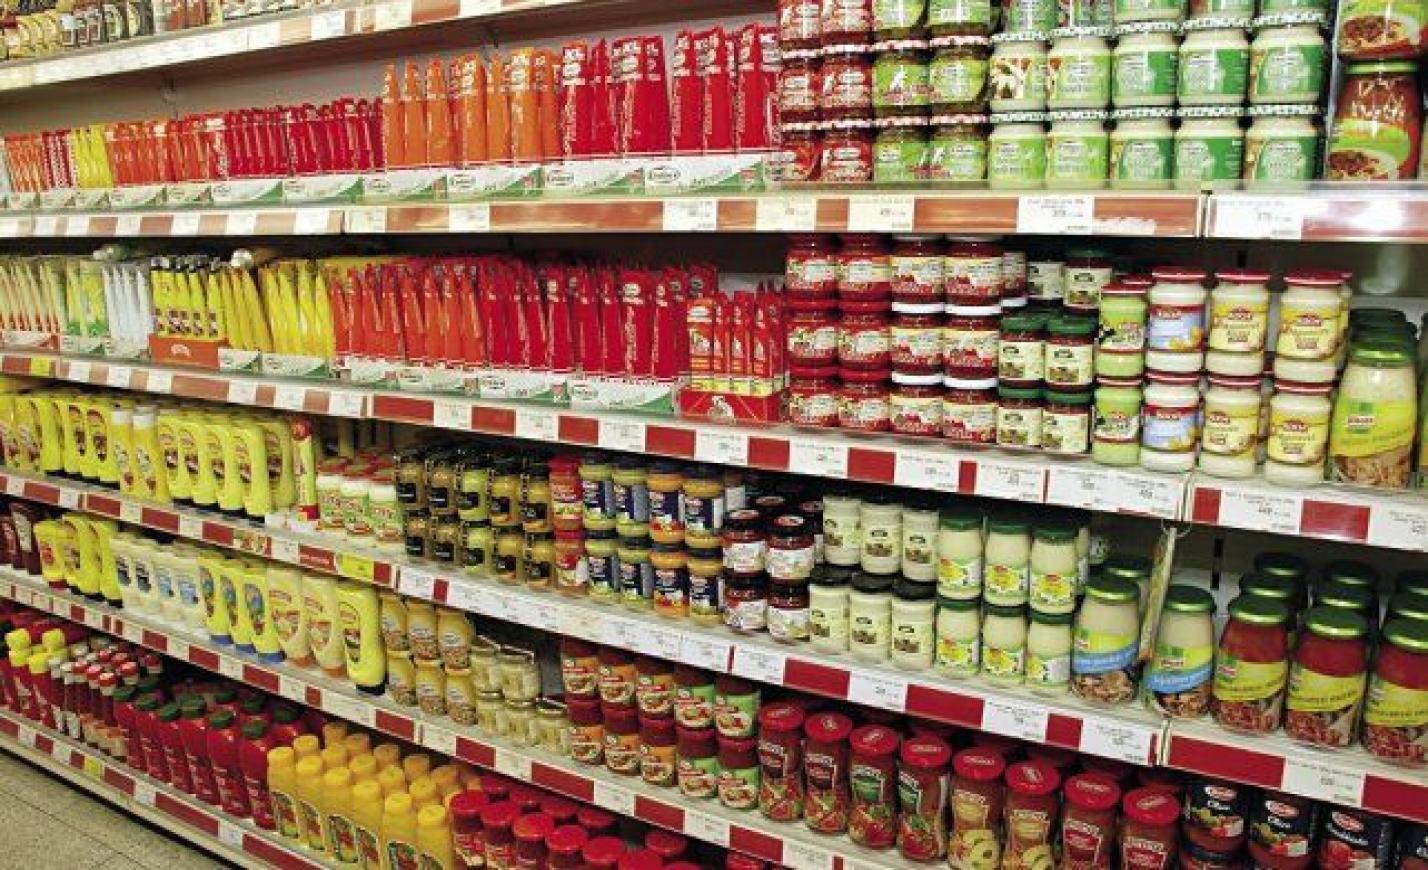 Tavaly is kiemelten figyelt a csalások és a feketegazdaság elleni küzdelemre az élelmiszerlánc-biztonsági hivatal